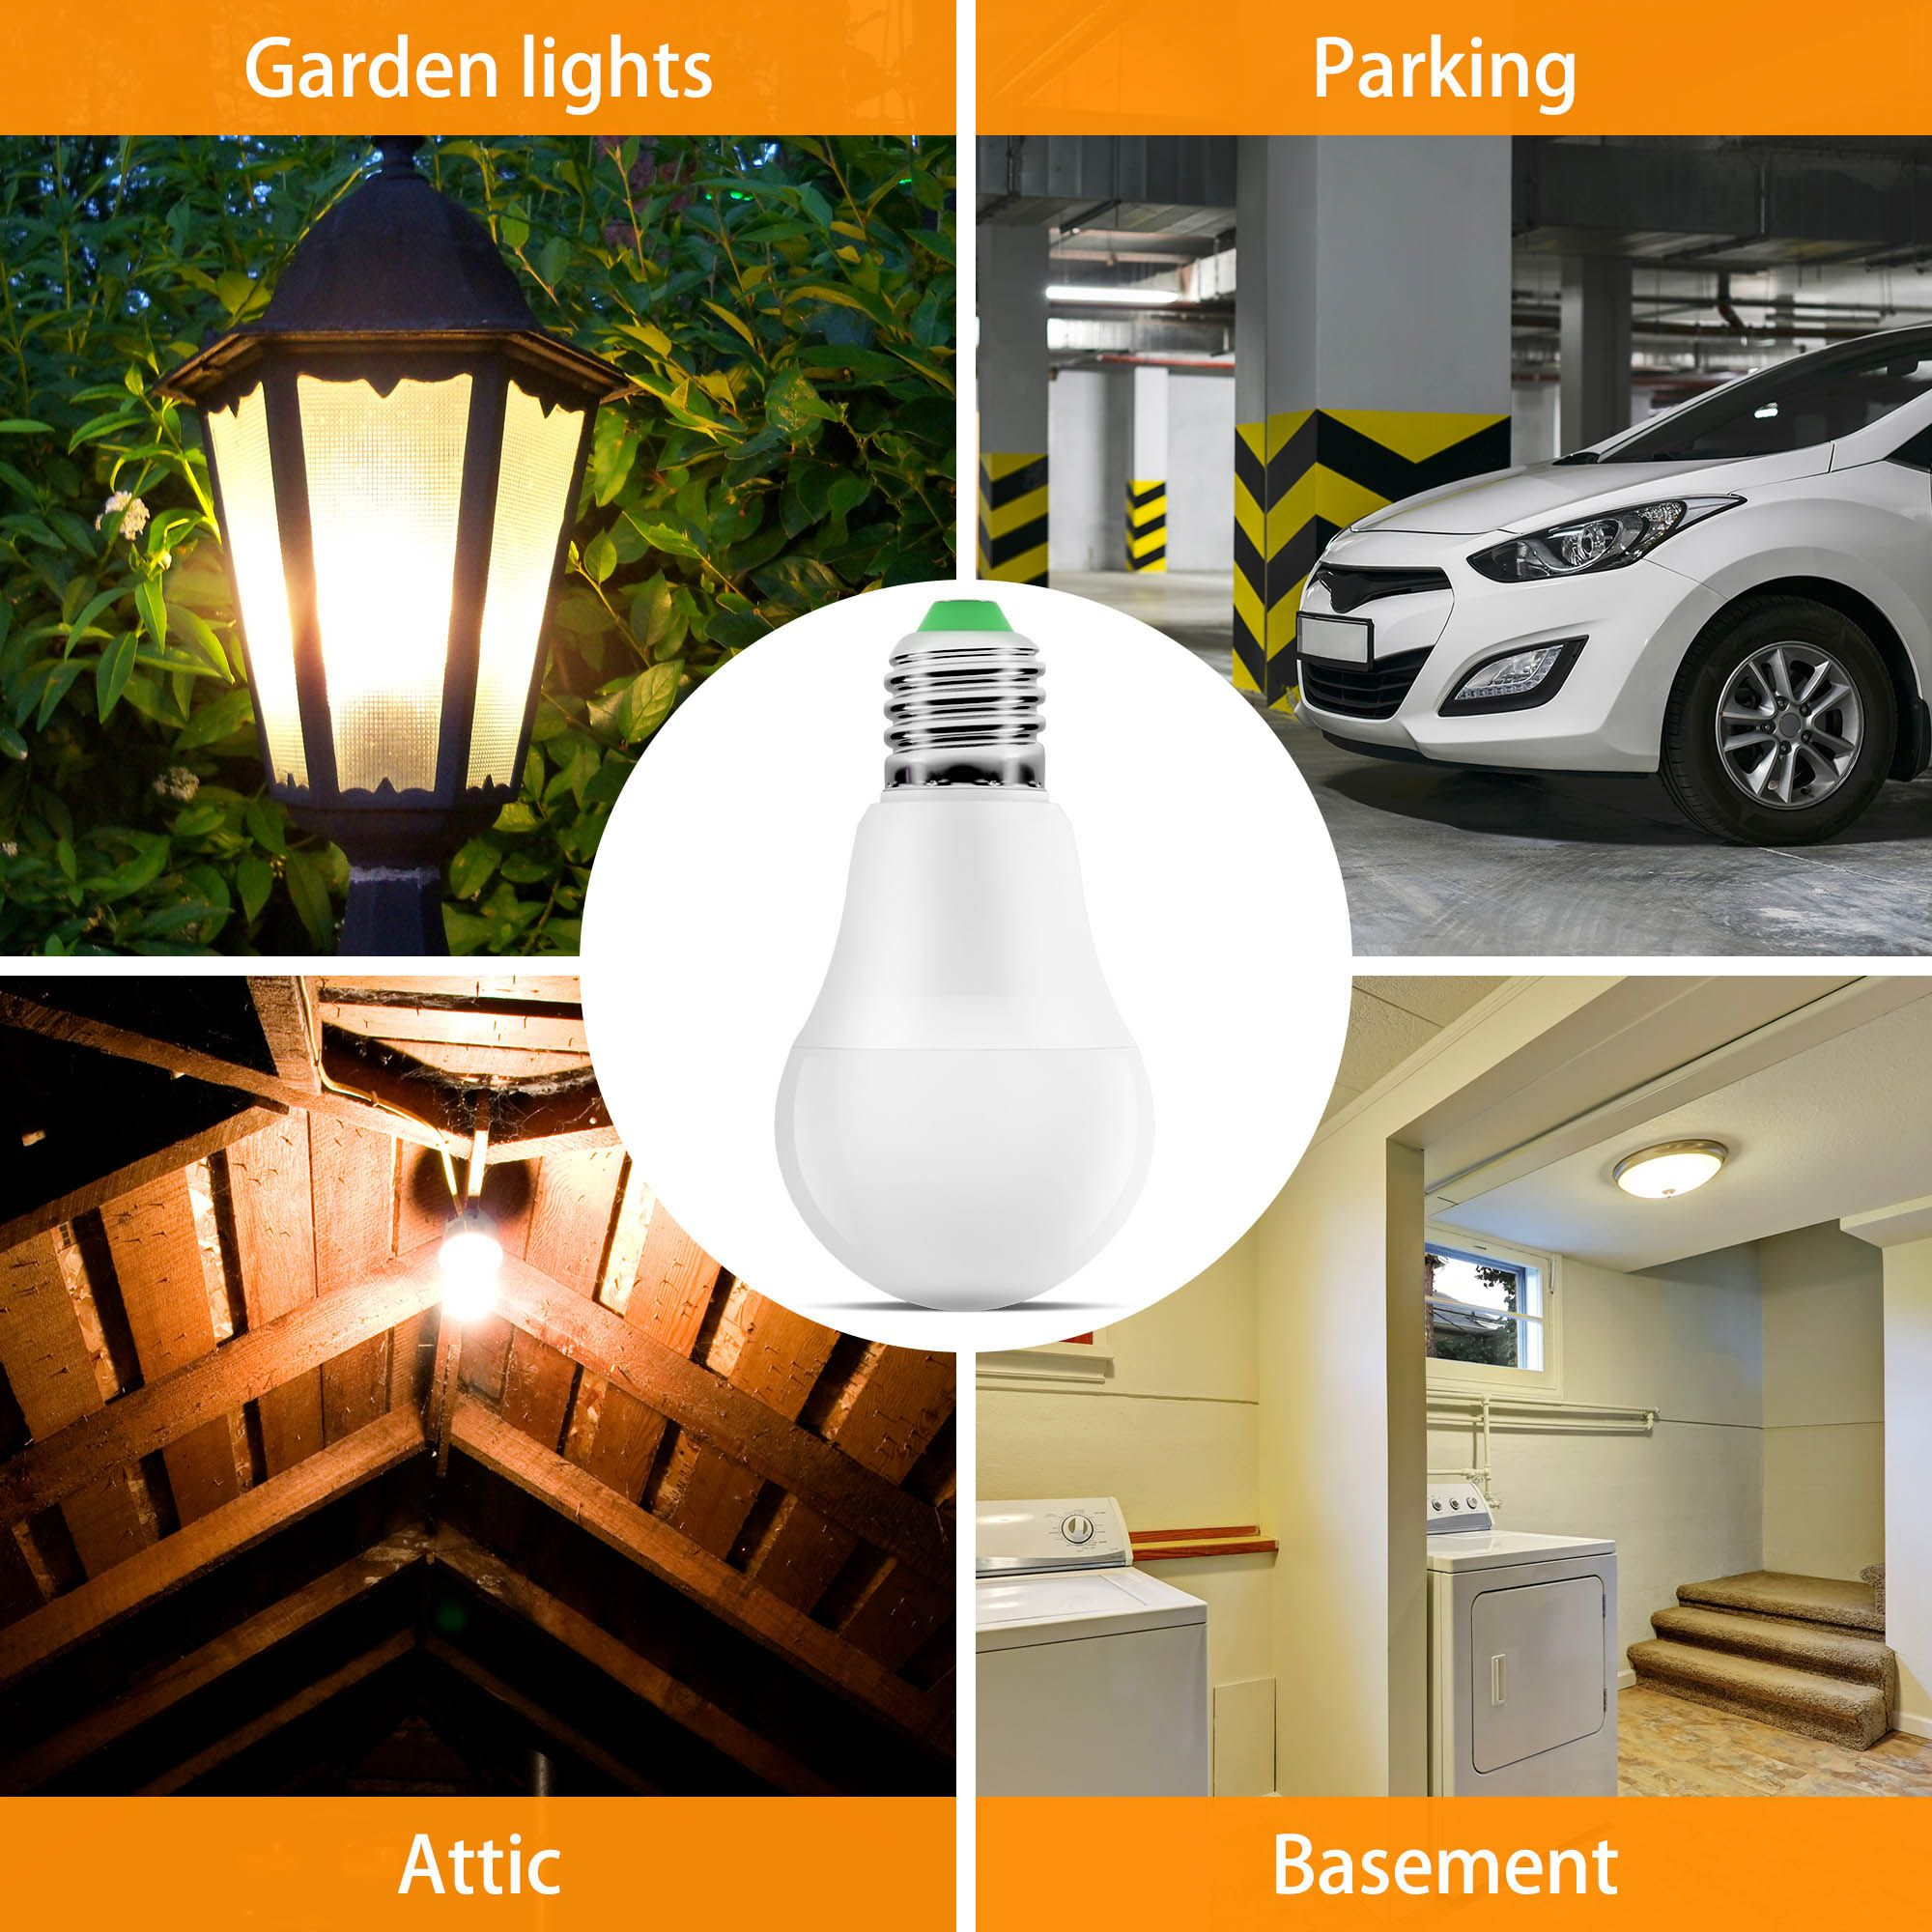 Motion Sensor Light Outdoor 630lm 7w 60w Equivalent The Radar Motion Sensor Bulb Very Sensitive And Re With Images Motion Sensor Lights Outdoor Motion Sensor Lights Bulb